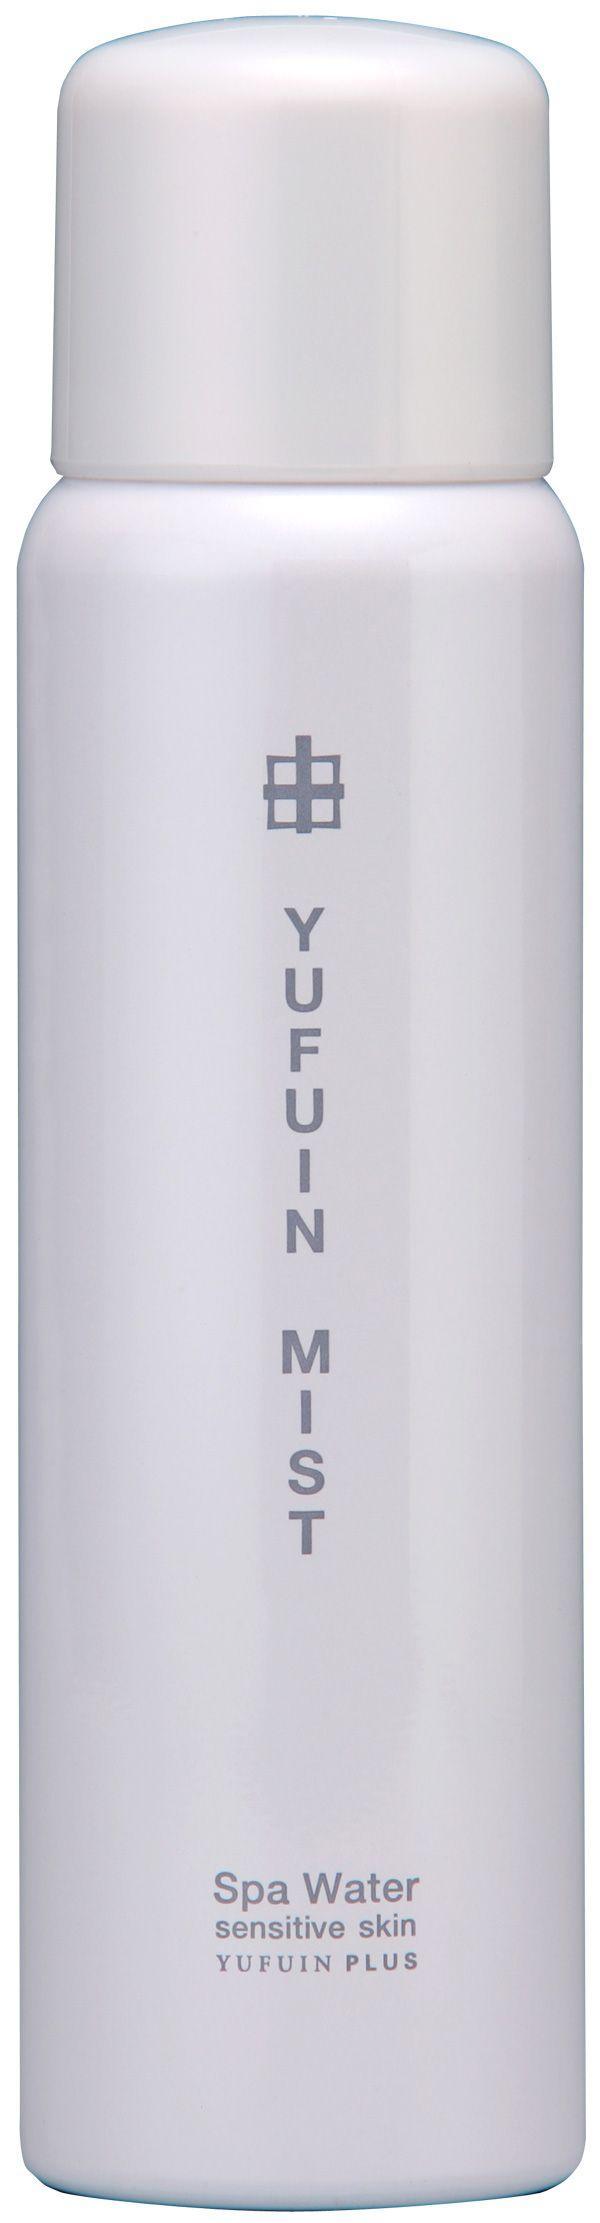 YUFUIN PLUS image